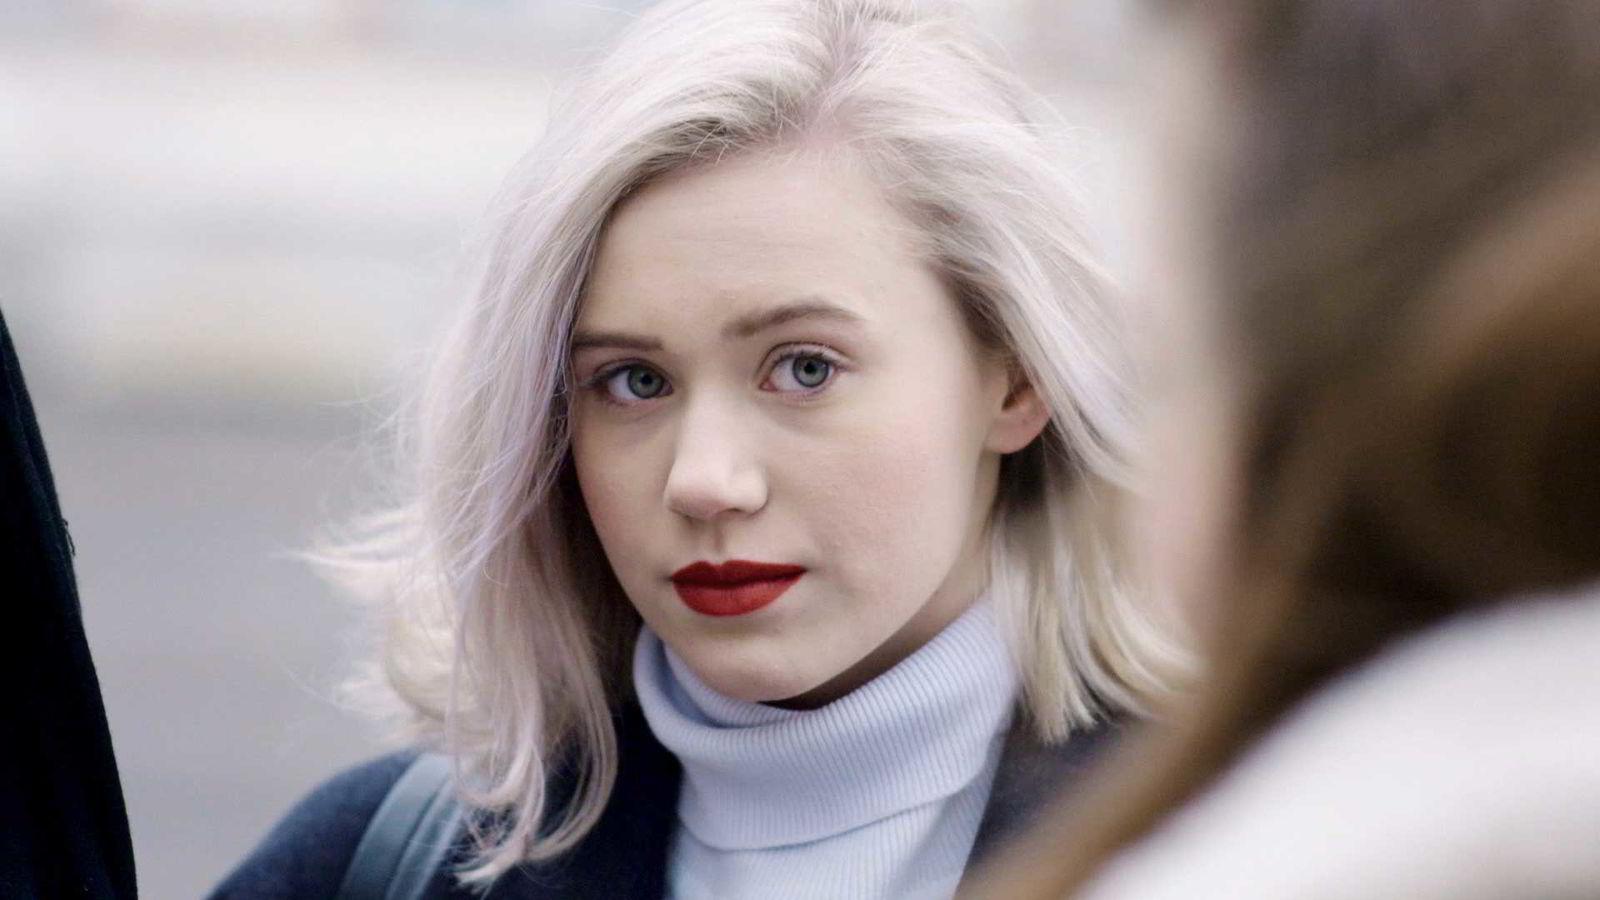 For hver 13-åring som skal eksperimentere med rus, sex og meningsopprør, er det en ny 50-åring som er bekymret for neste generasjon og samfunnets forfall, skriver artikkelforfatteren. Her Noora i NRKs tv-serie «Skam».